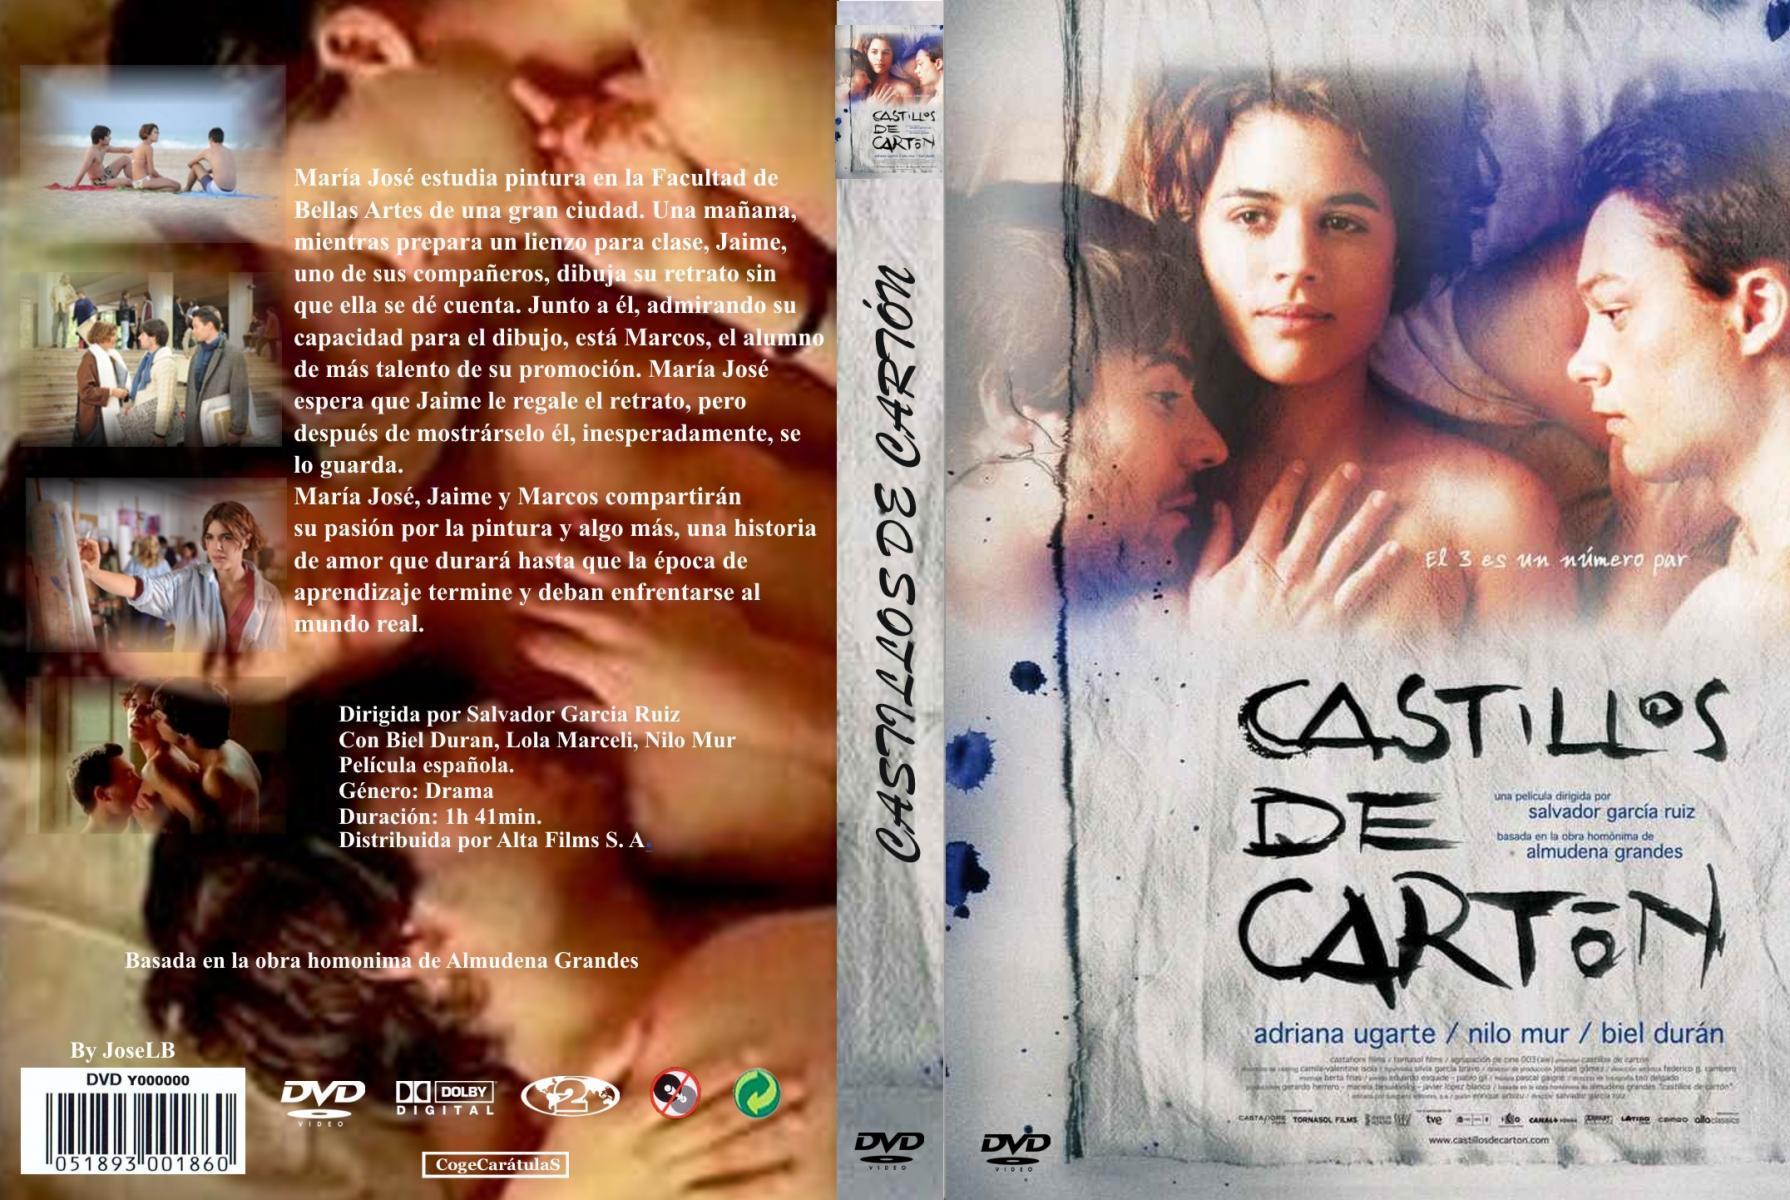 """Adriana Ugarte Castillos De Carton image gallery for """"castillos de cartón (2009)"""" - filmaffinity"""